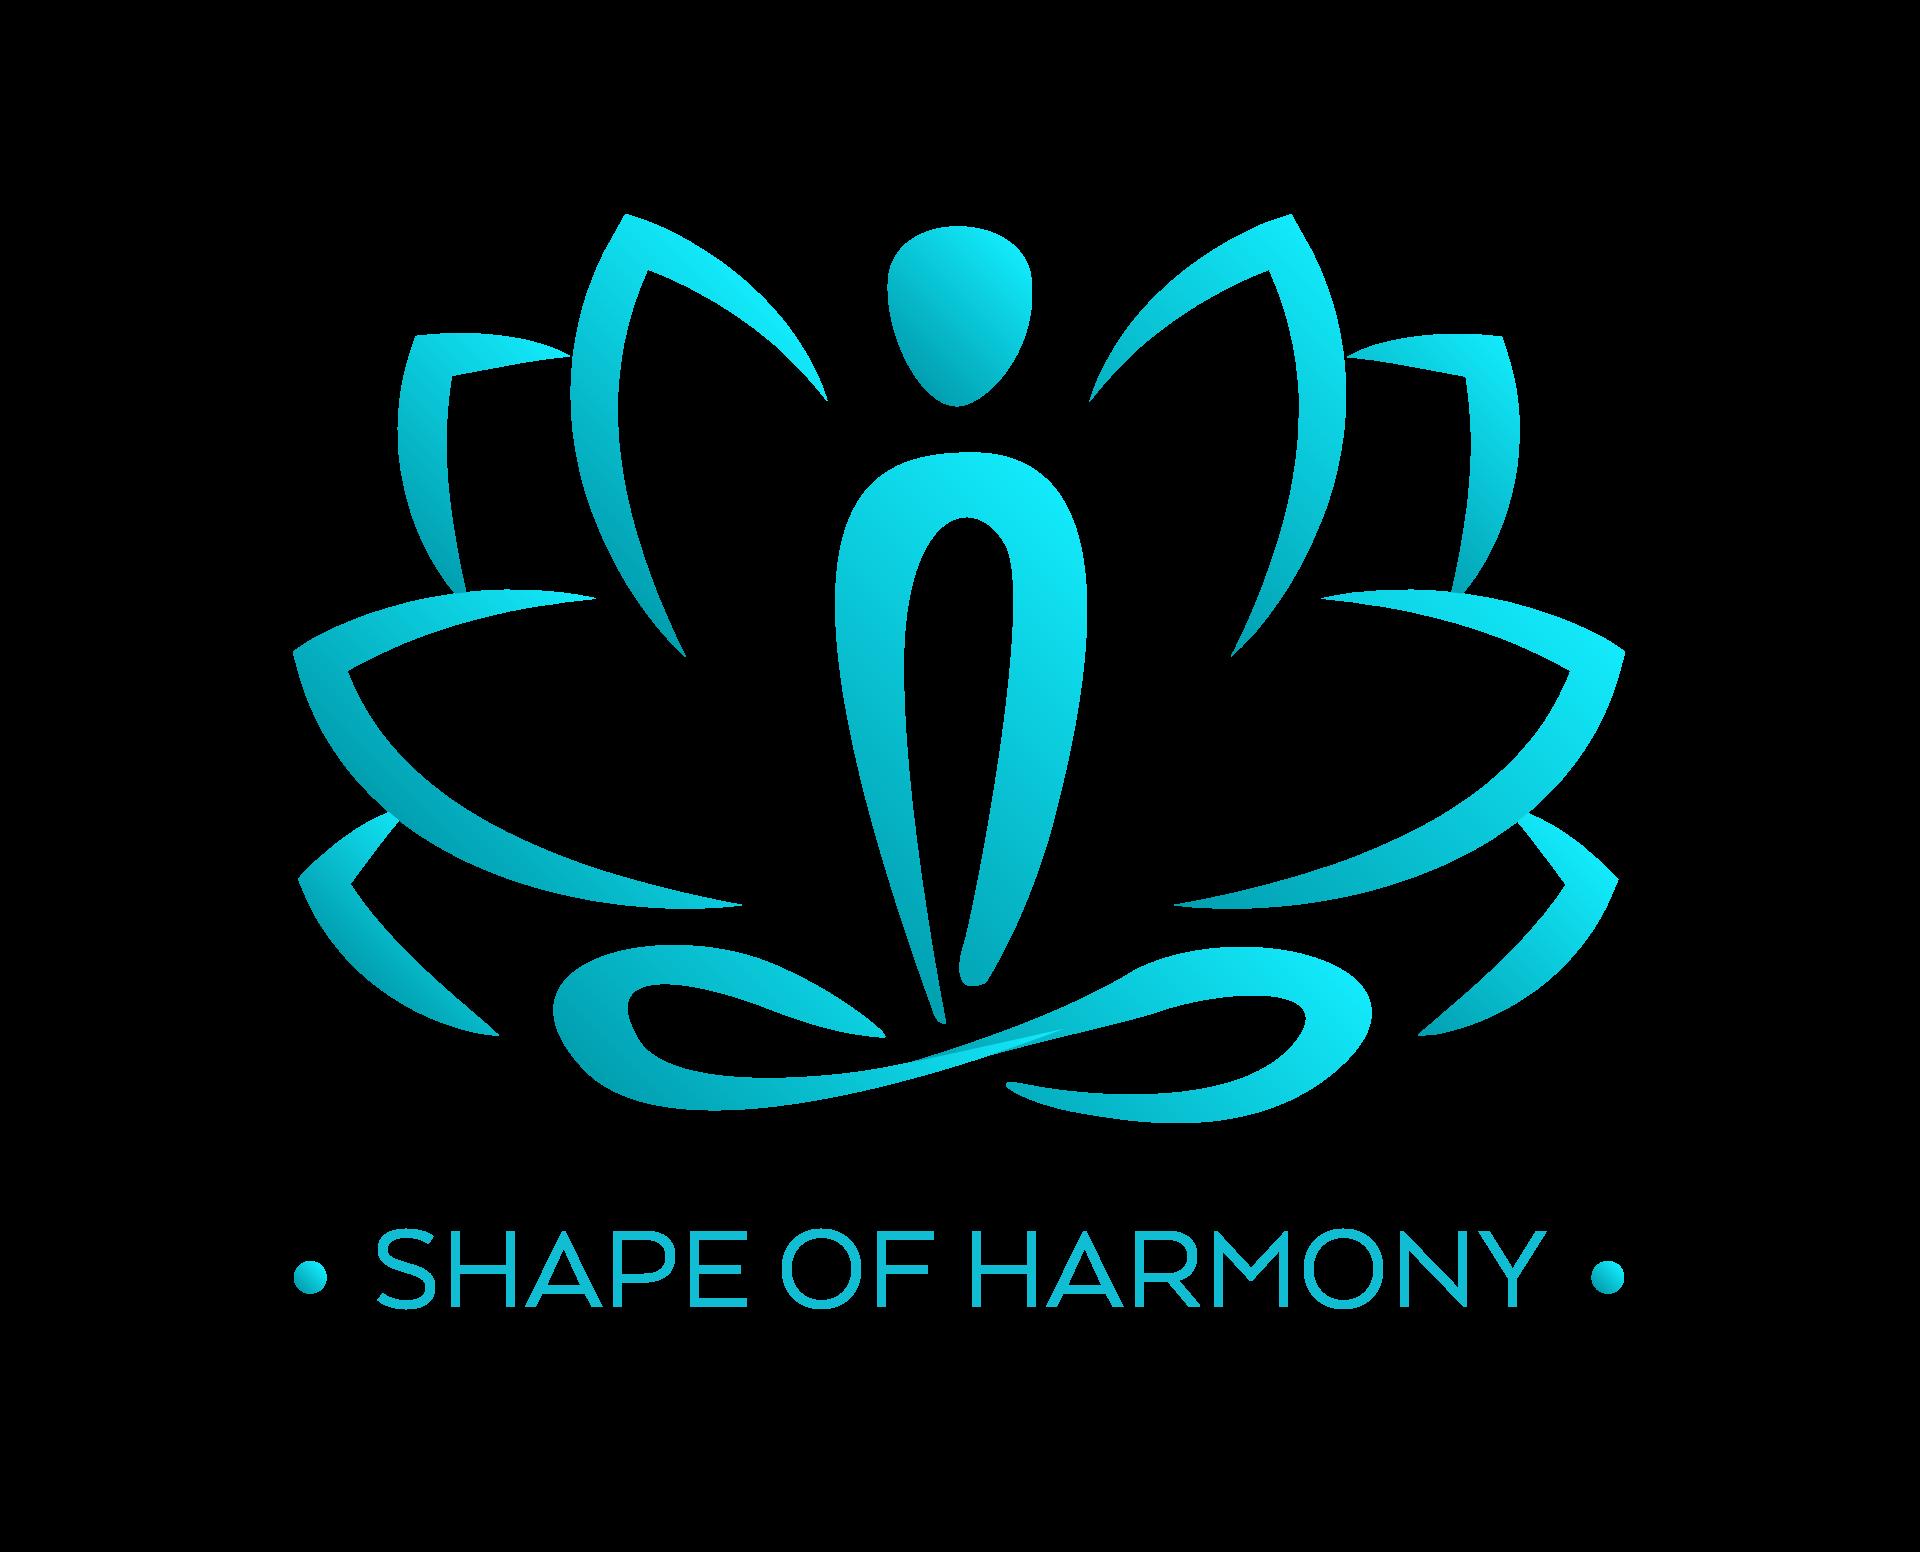 Shape Of Harmony